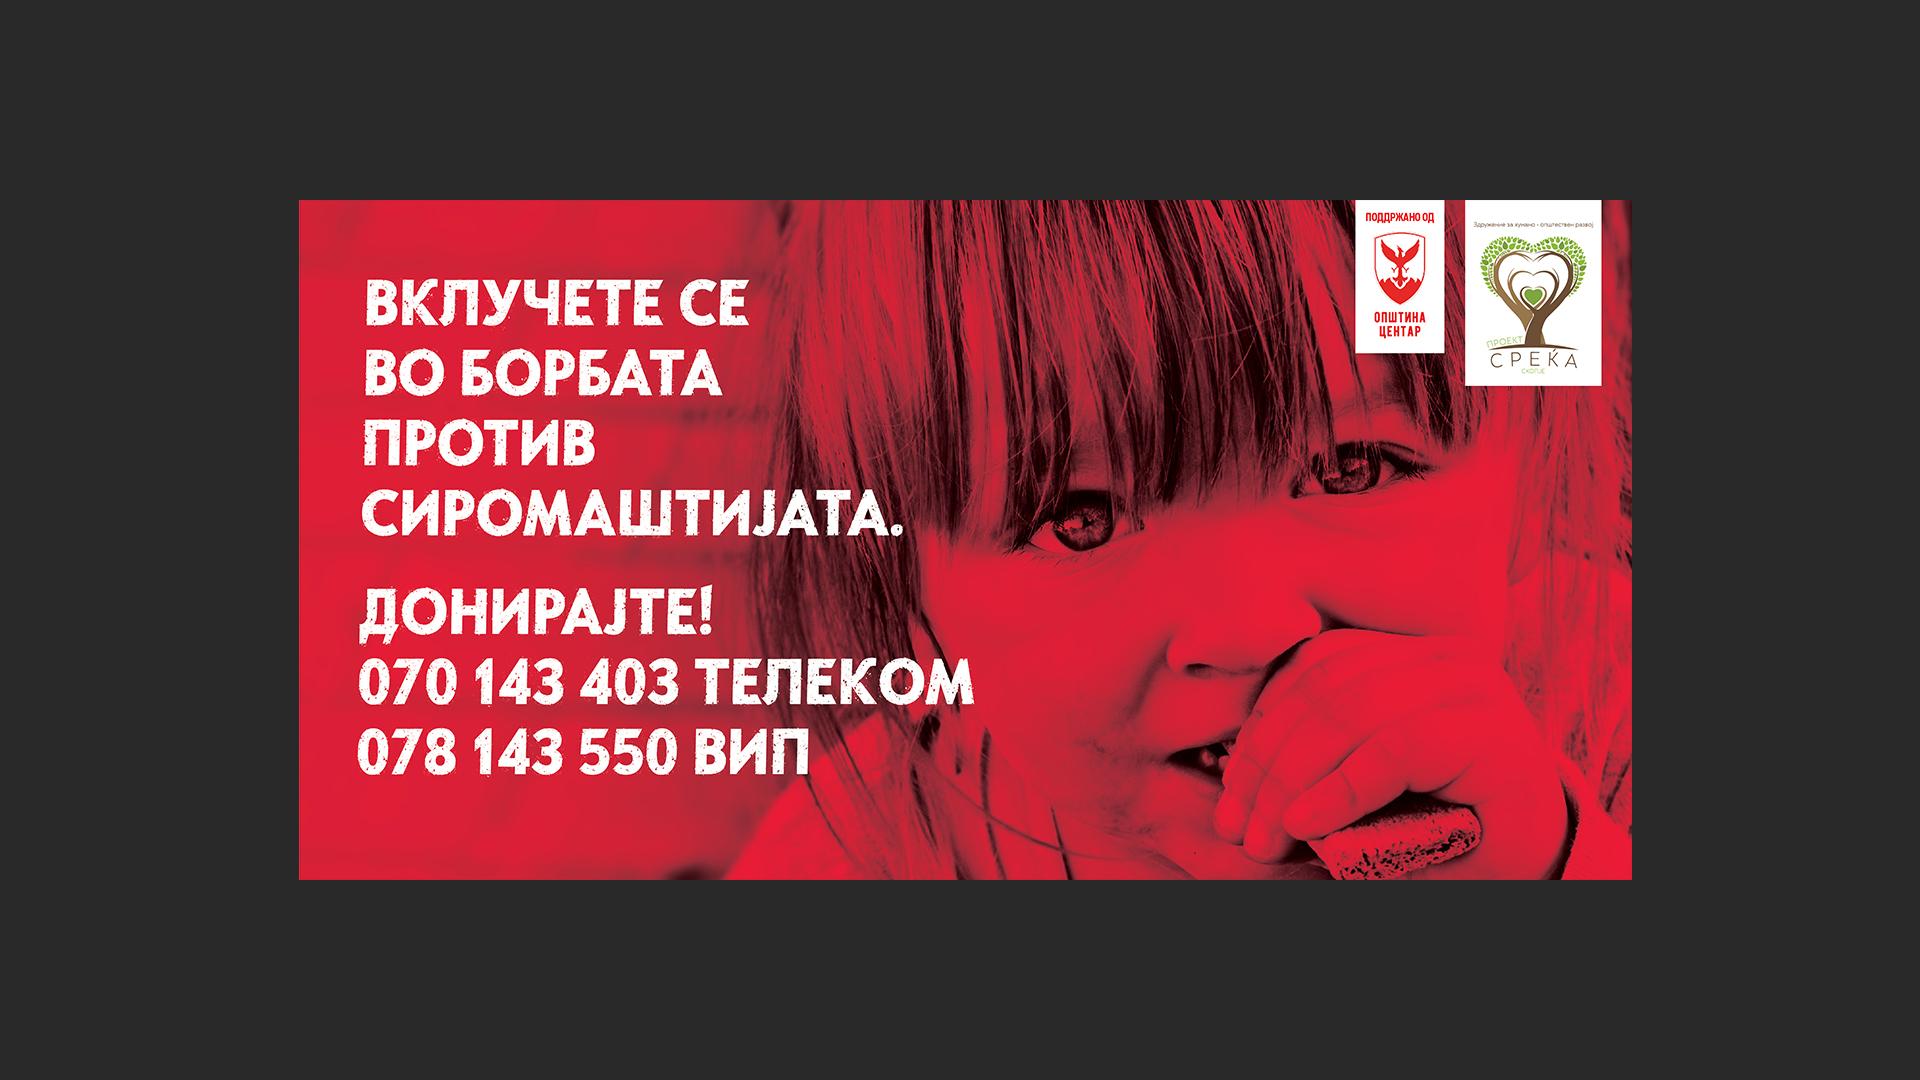 Ден за борба против сиромаштијата